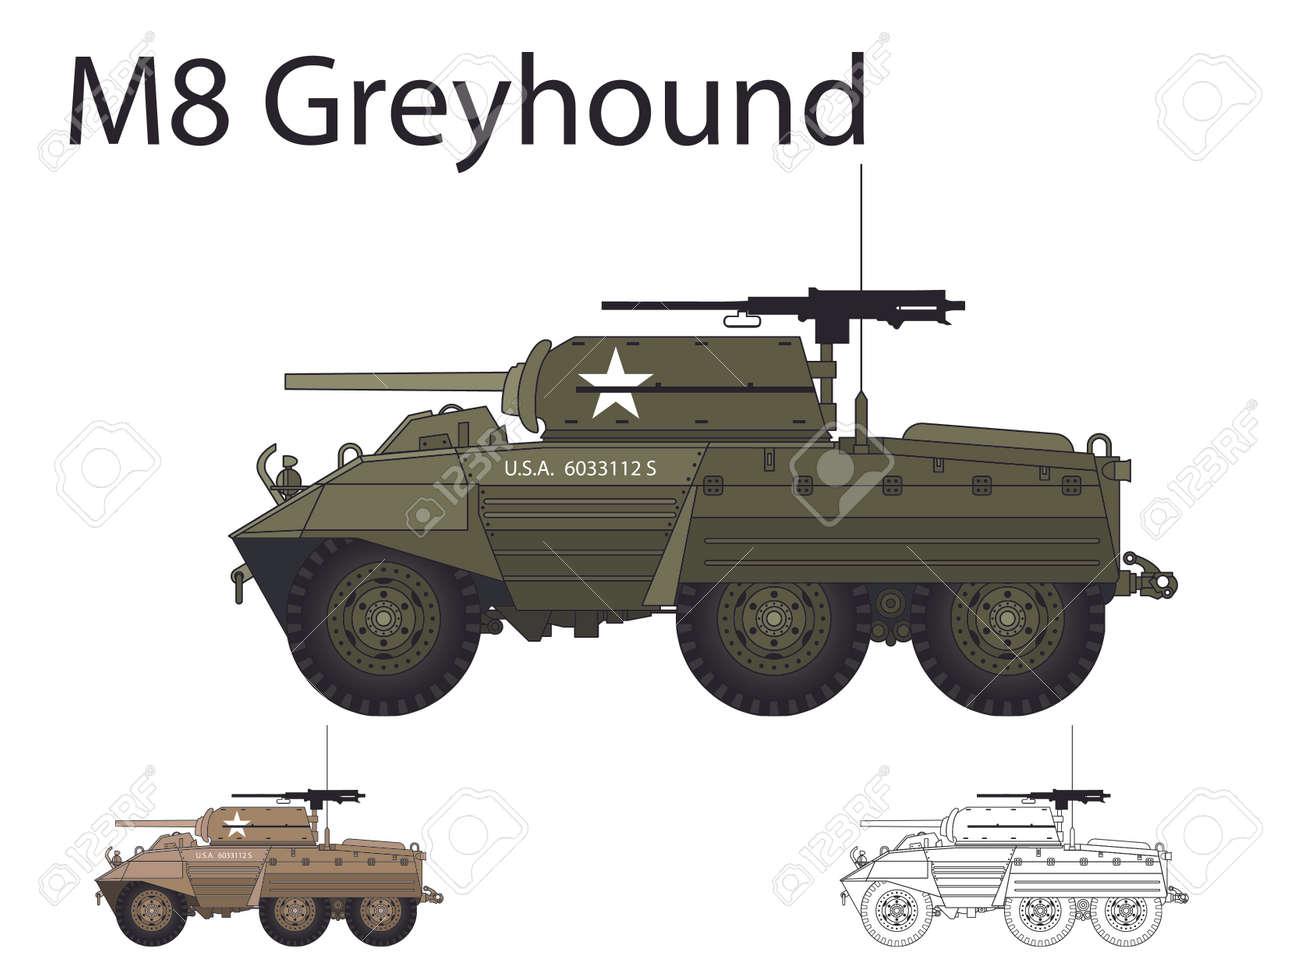 American WW2 AFV M8 Greyhound